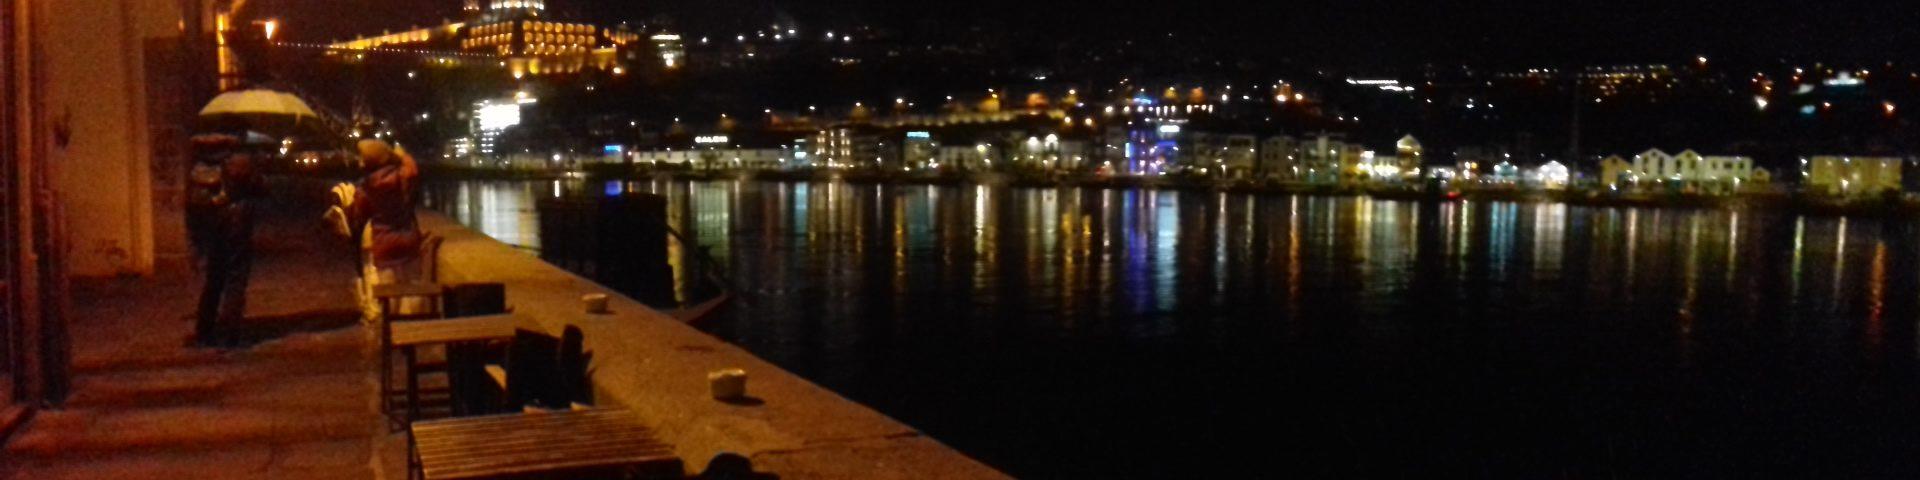 Gaia (portugal) vista desde Porto.Rio Douro